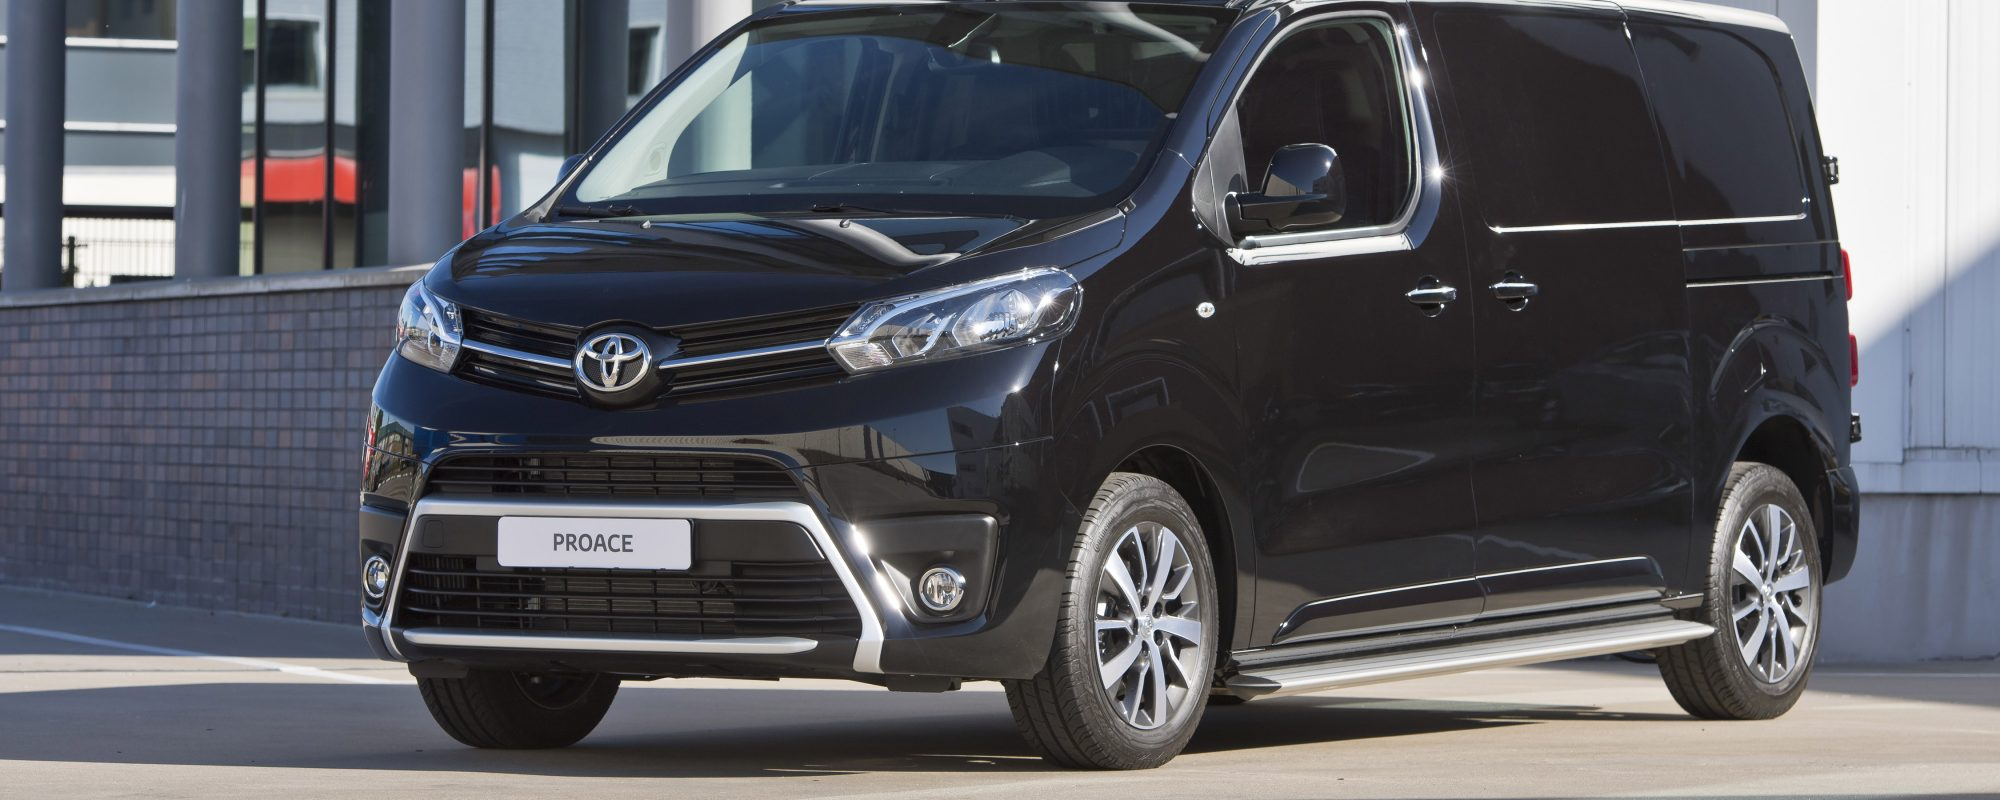 Toyota lanceert Toyota Professional, inclusief elektrificatie PROACE bedrijfswagens